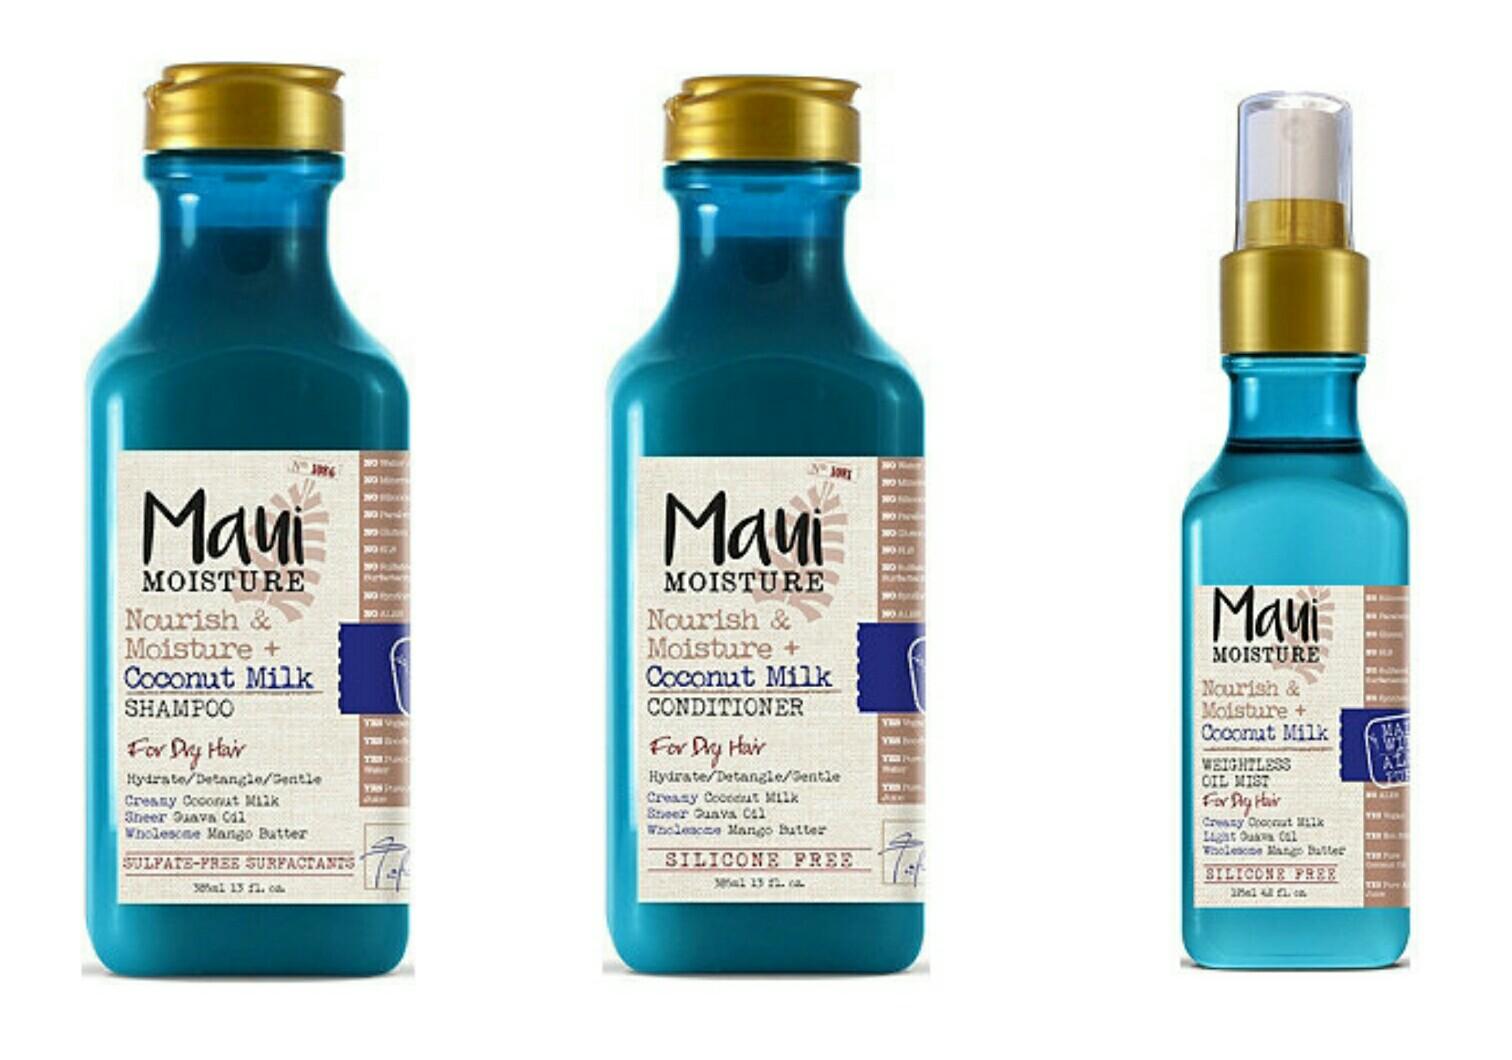 New Haircare Brand Maui Moisture The Budget Beauty Blog